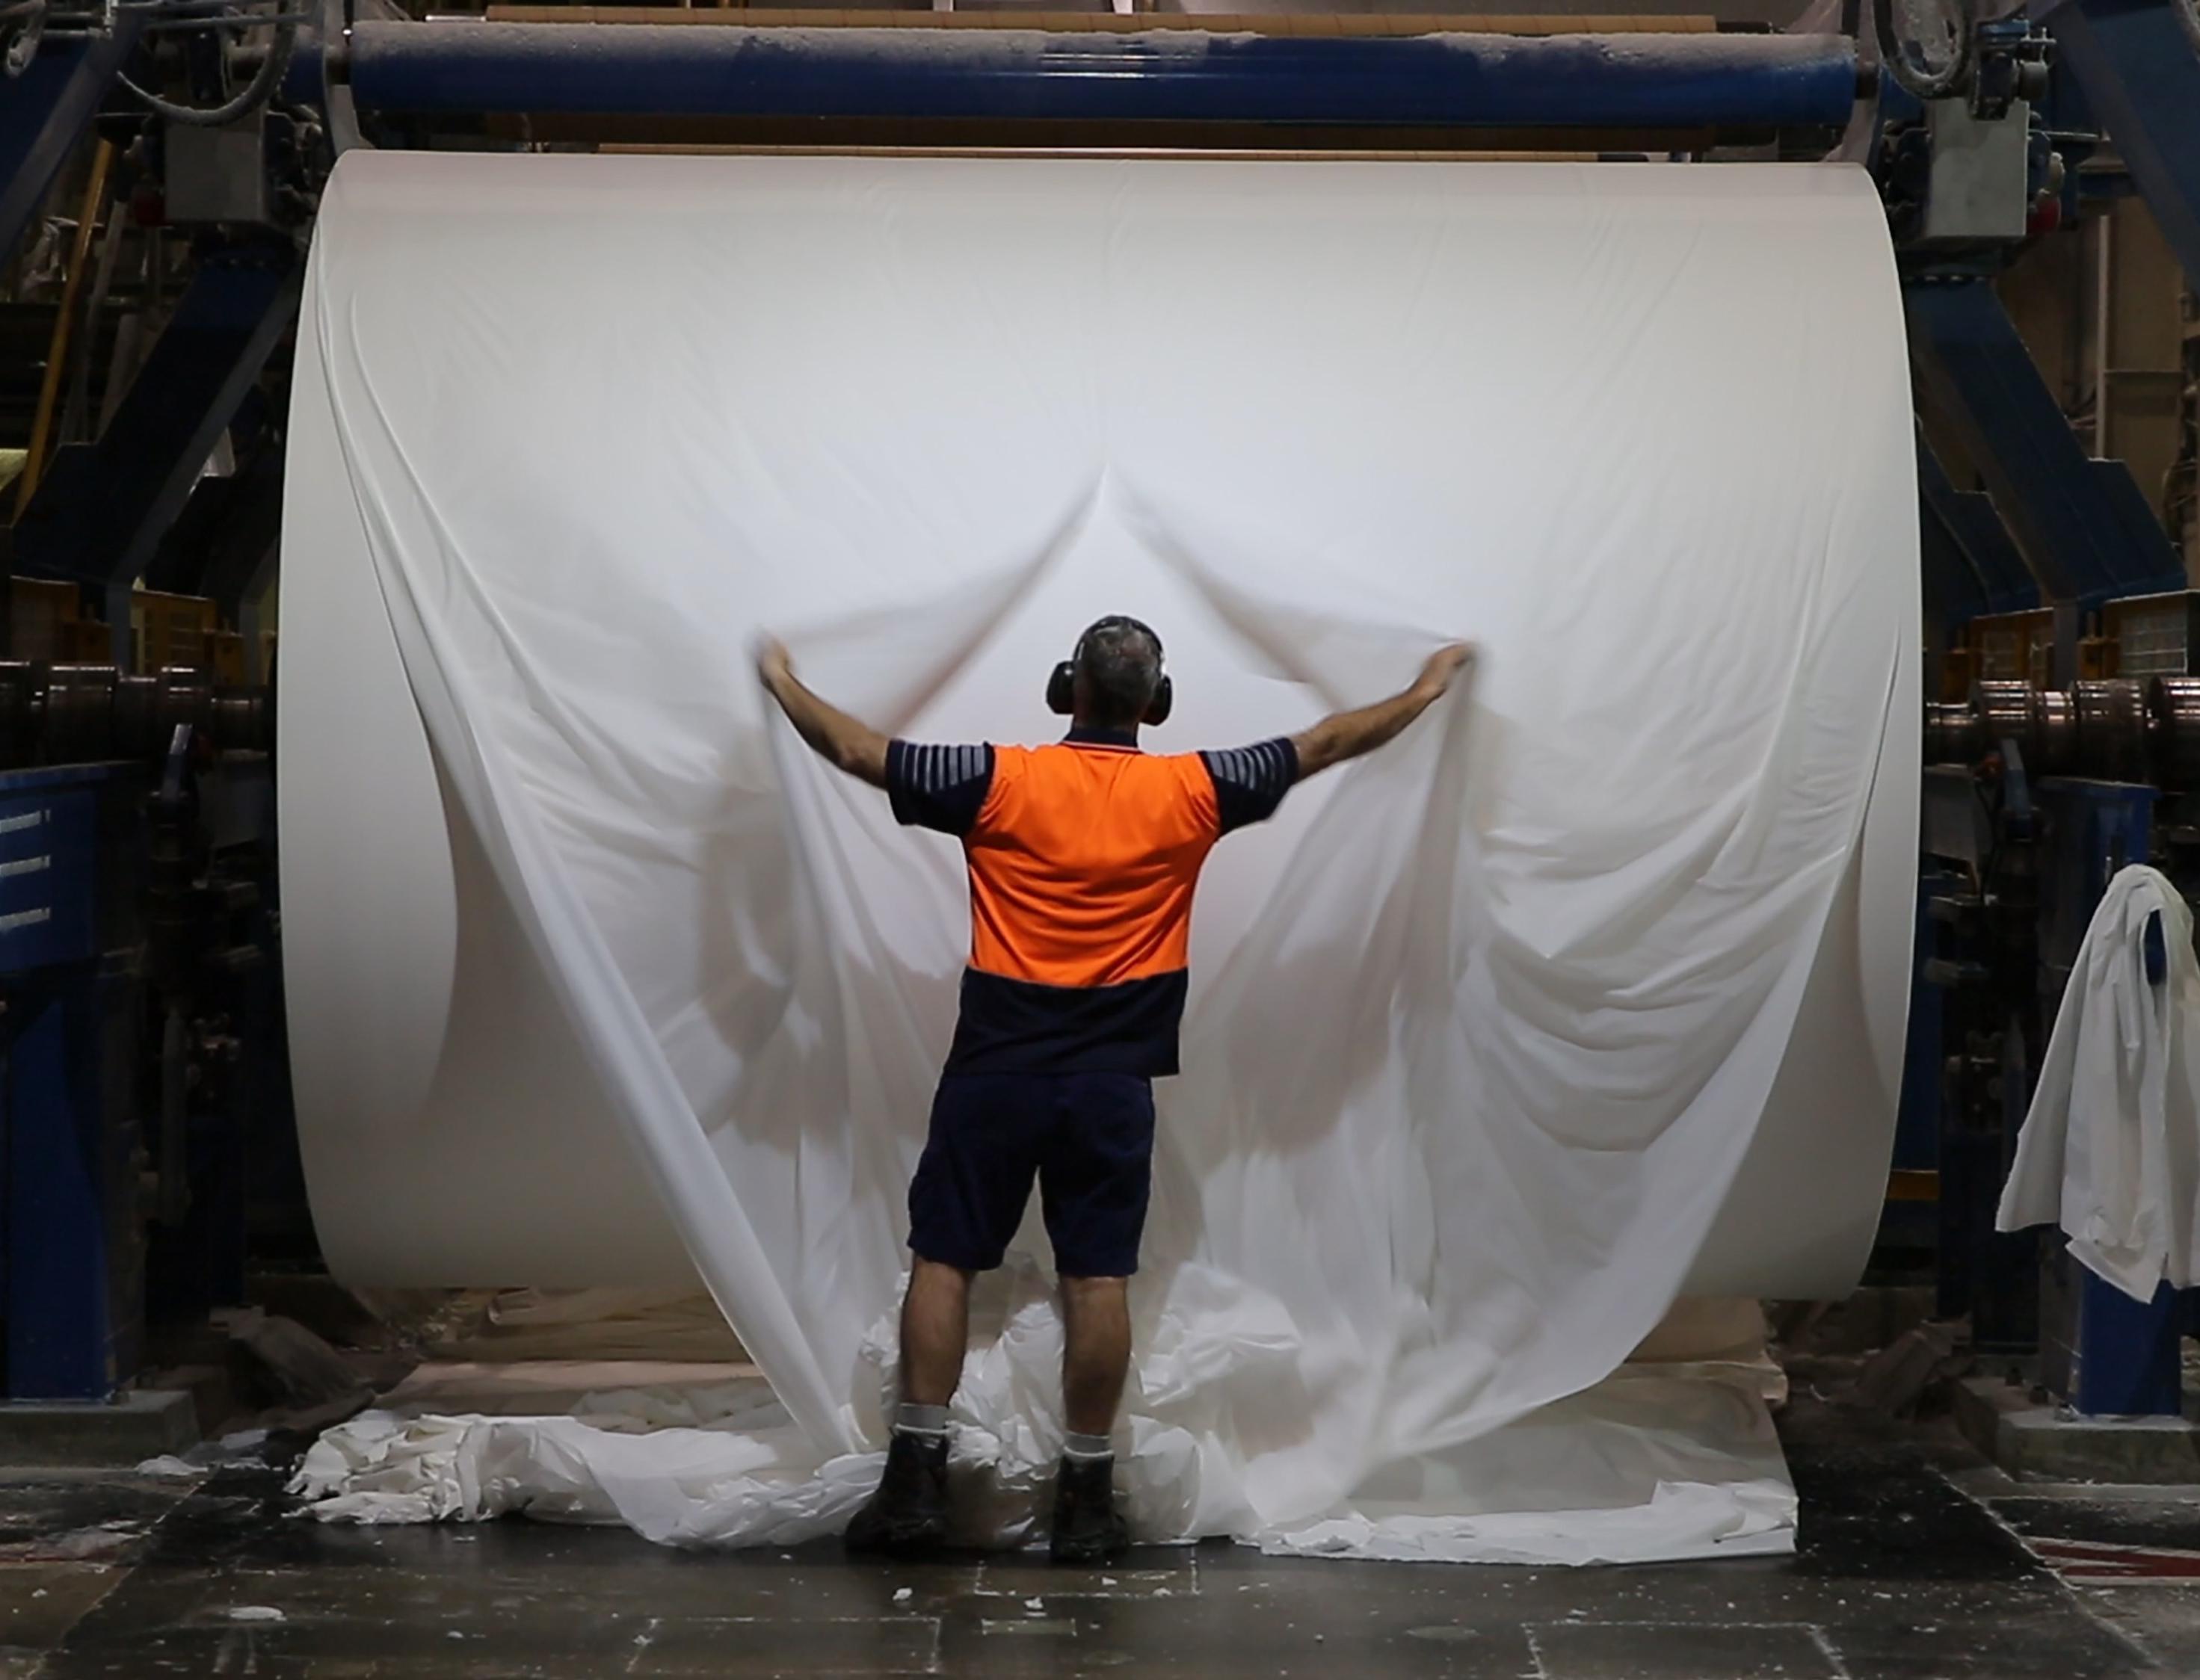 В Новой Зеландии будут производить бумагу за счет геотермальной энергии